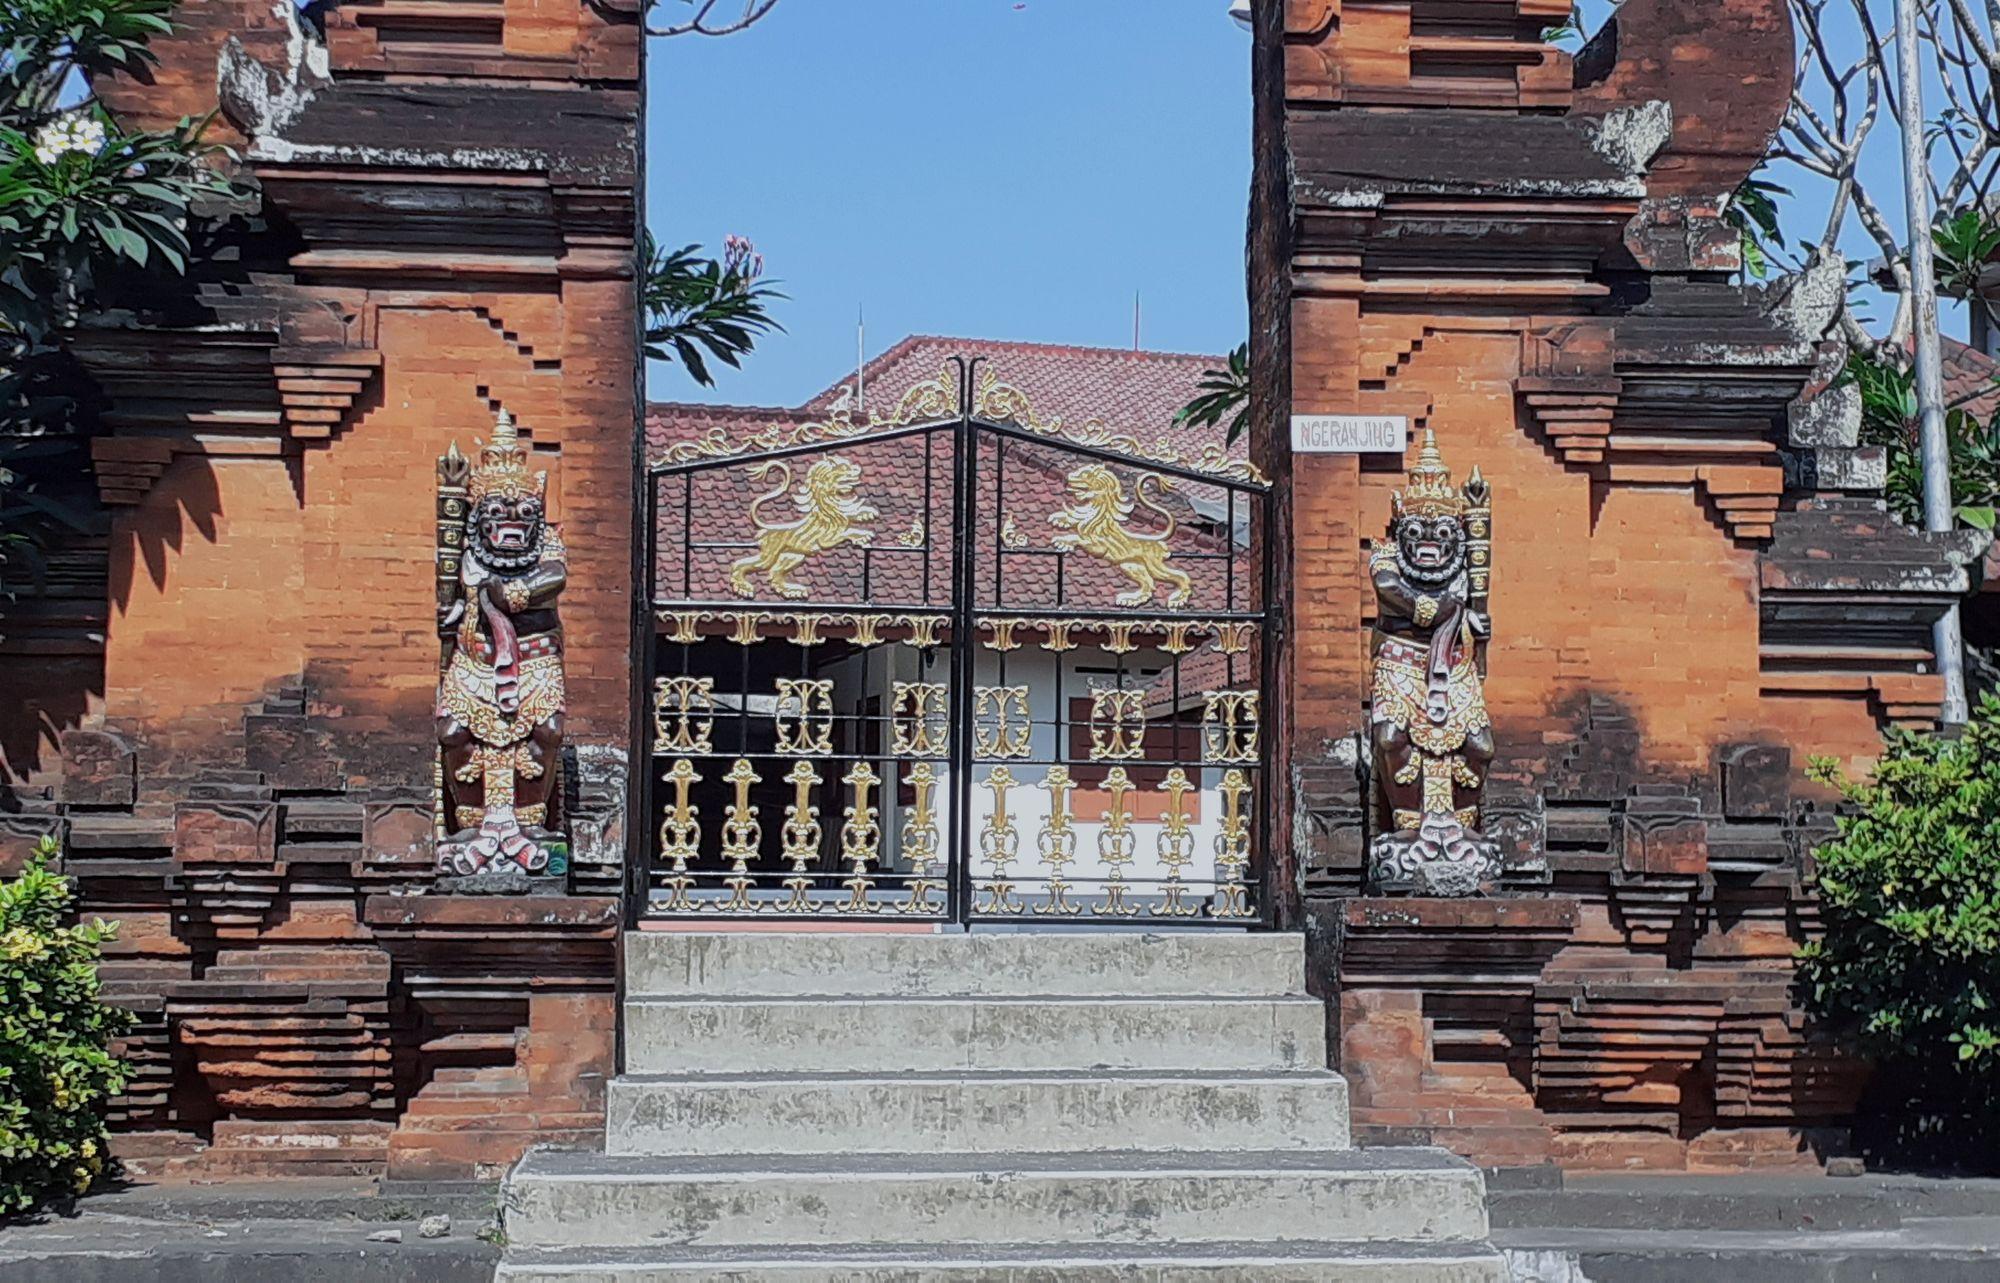 Mengenal Dwarapala, Patung Penjaga Tempat Suci di Bali